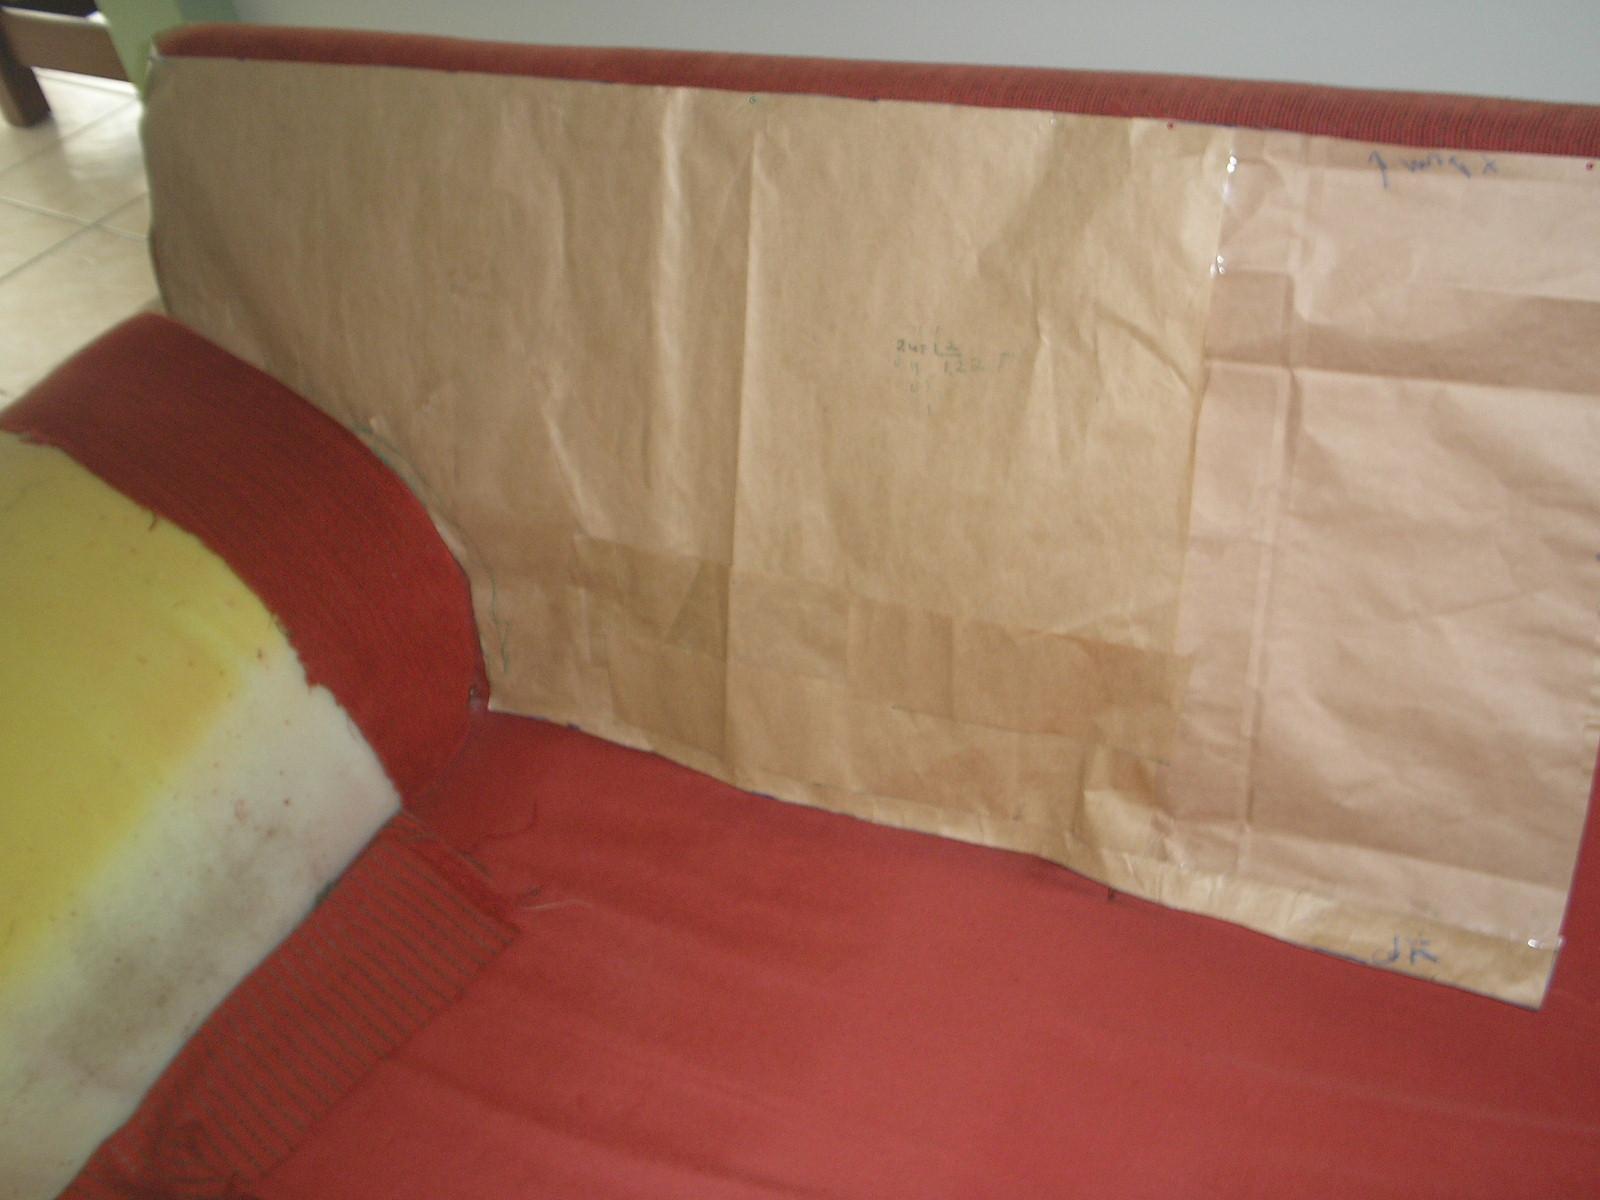 Minha Primeira Costura: Tentando forrar um sofá #893931 1600x1200